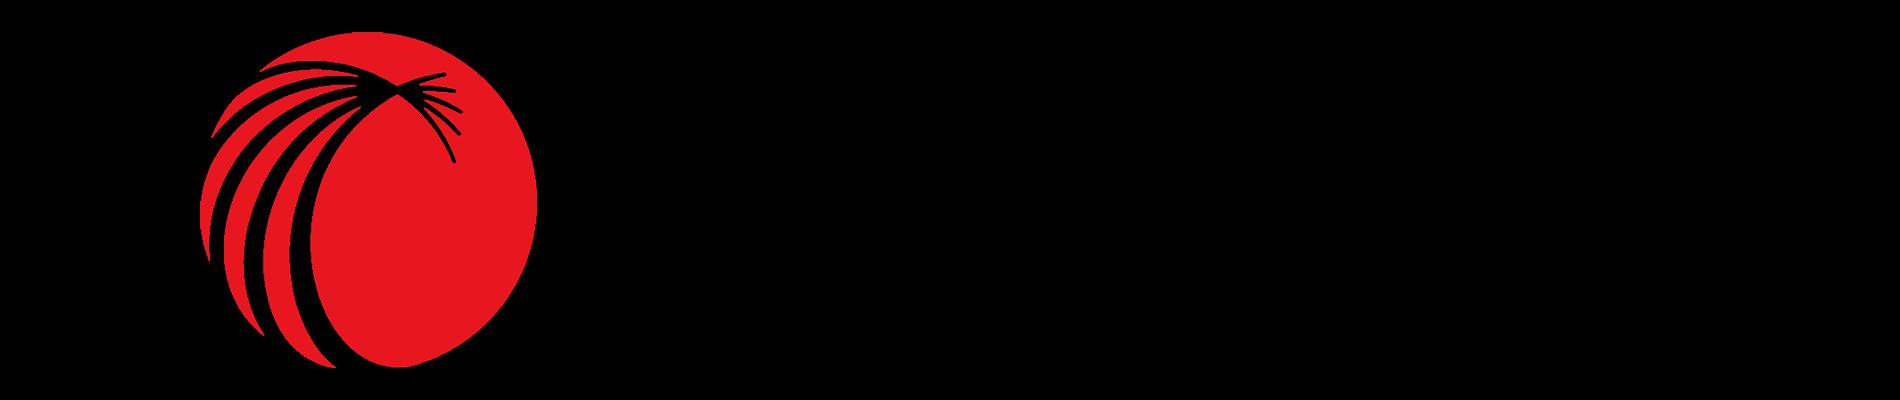 logo-lexisnexis.png